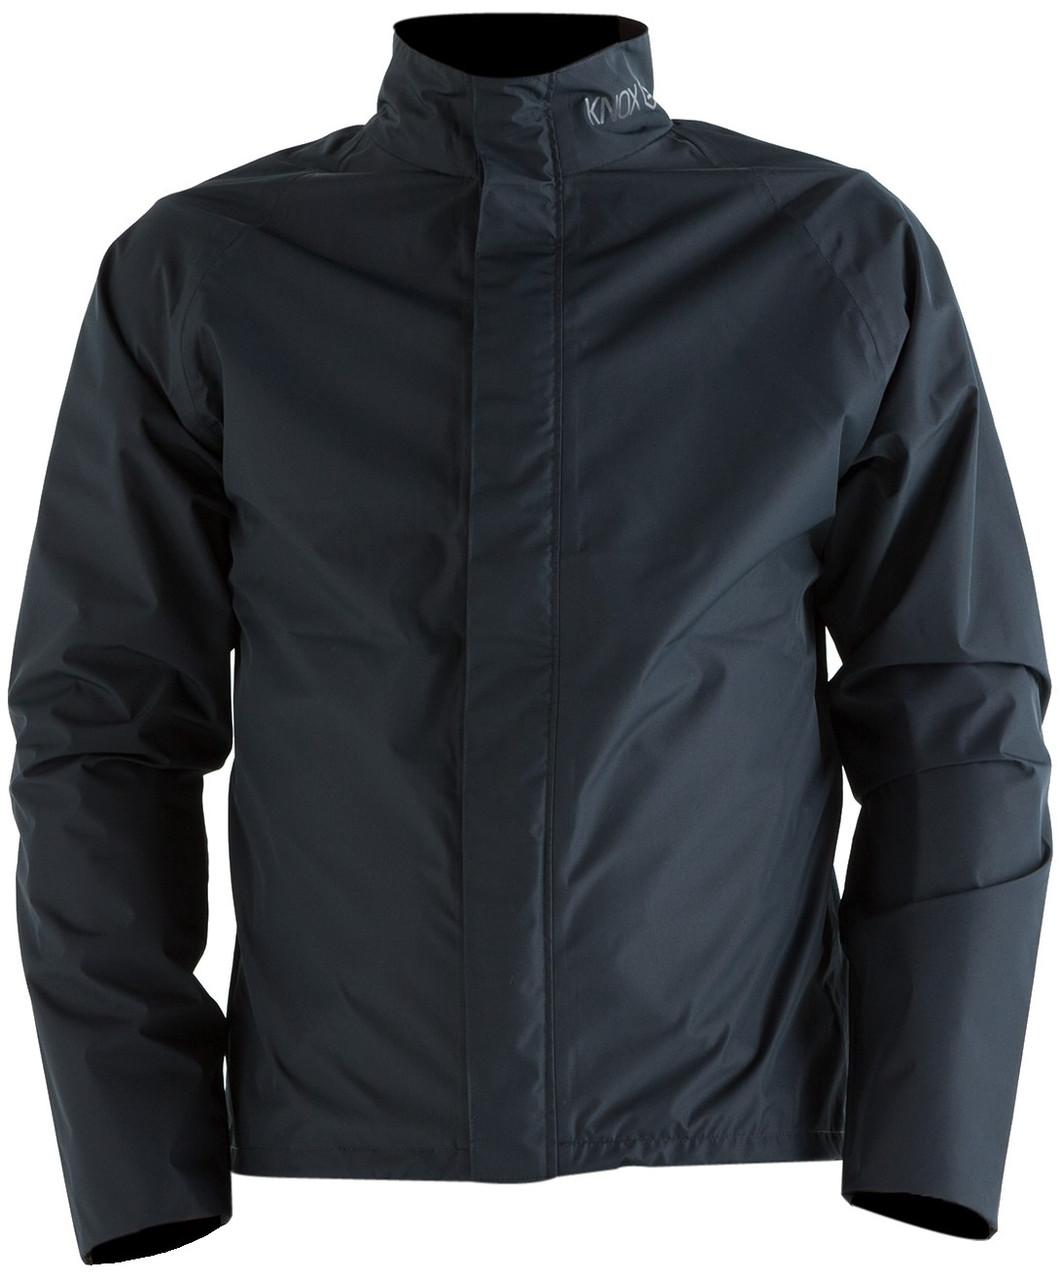 Дождевик куртка Knox Zephyr Waterproof черный, L/XL